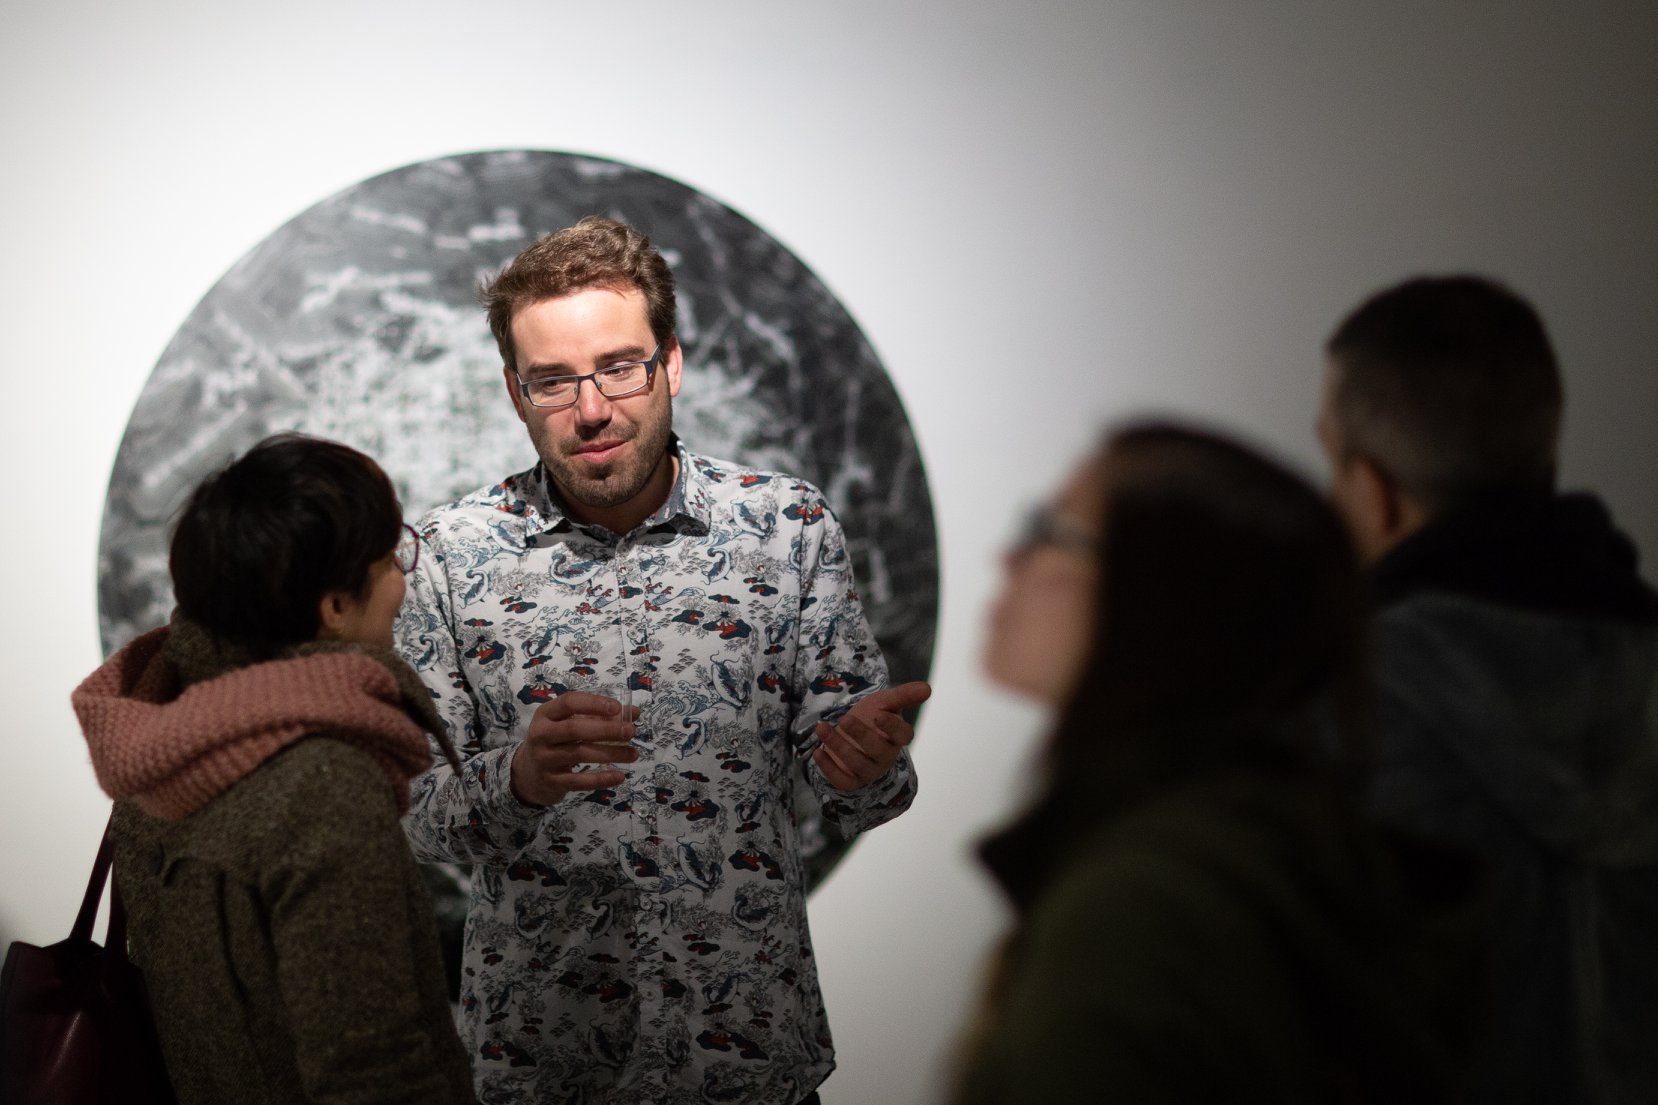 Laurent Lamarche au vernissage de Stratification - 2018Galerie Art Mûr, Montréal, Québec, Canada